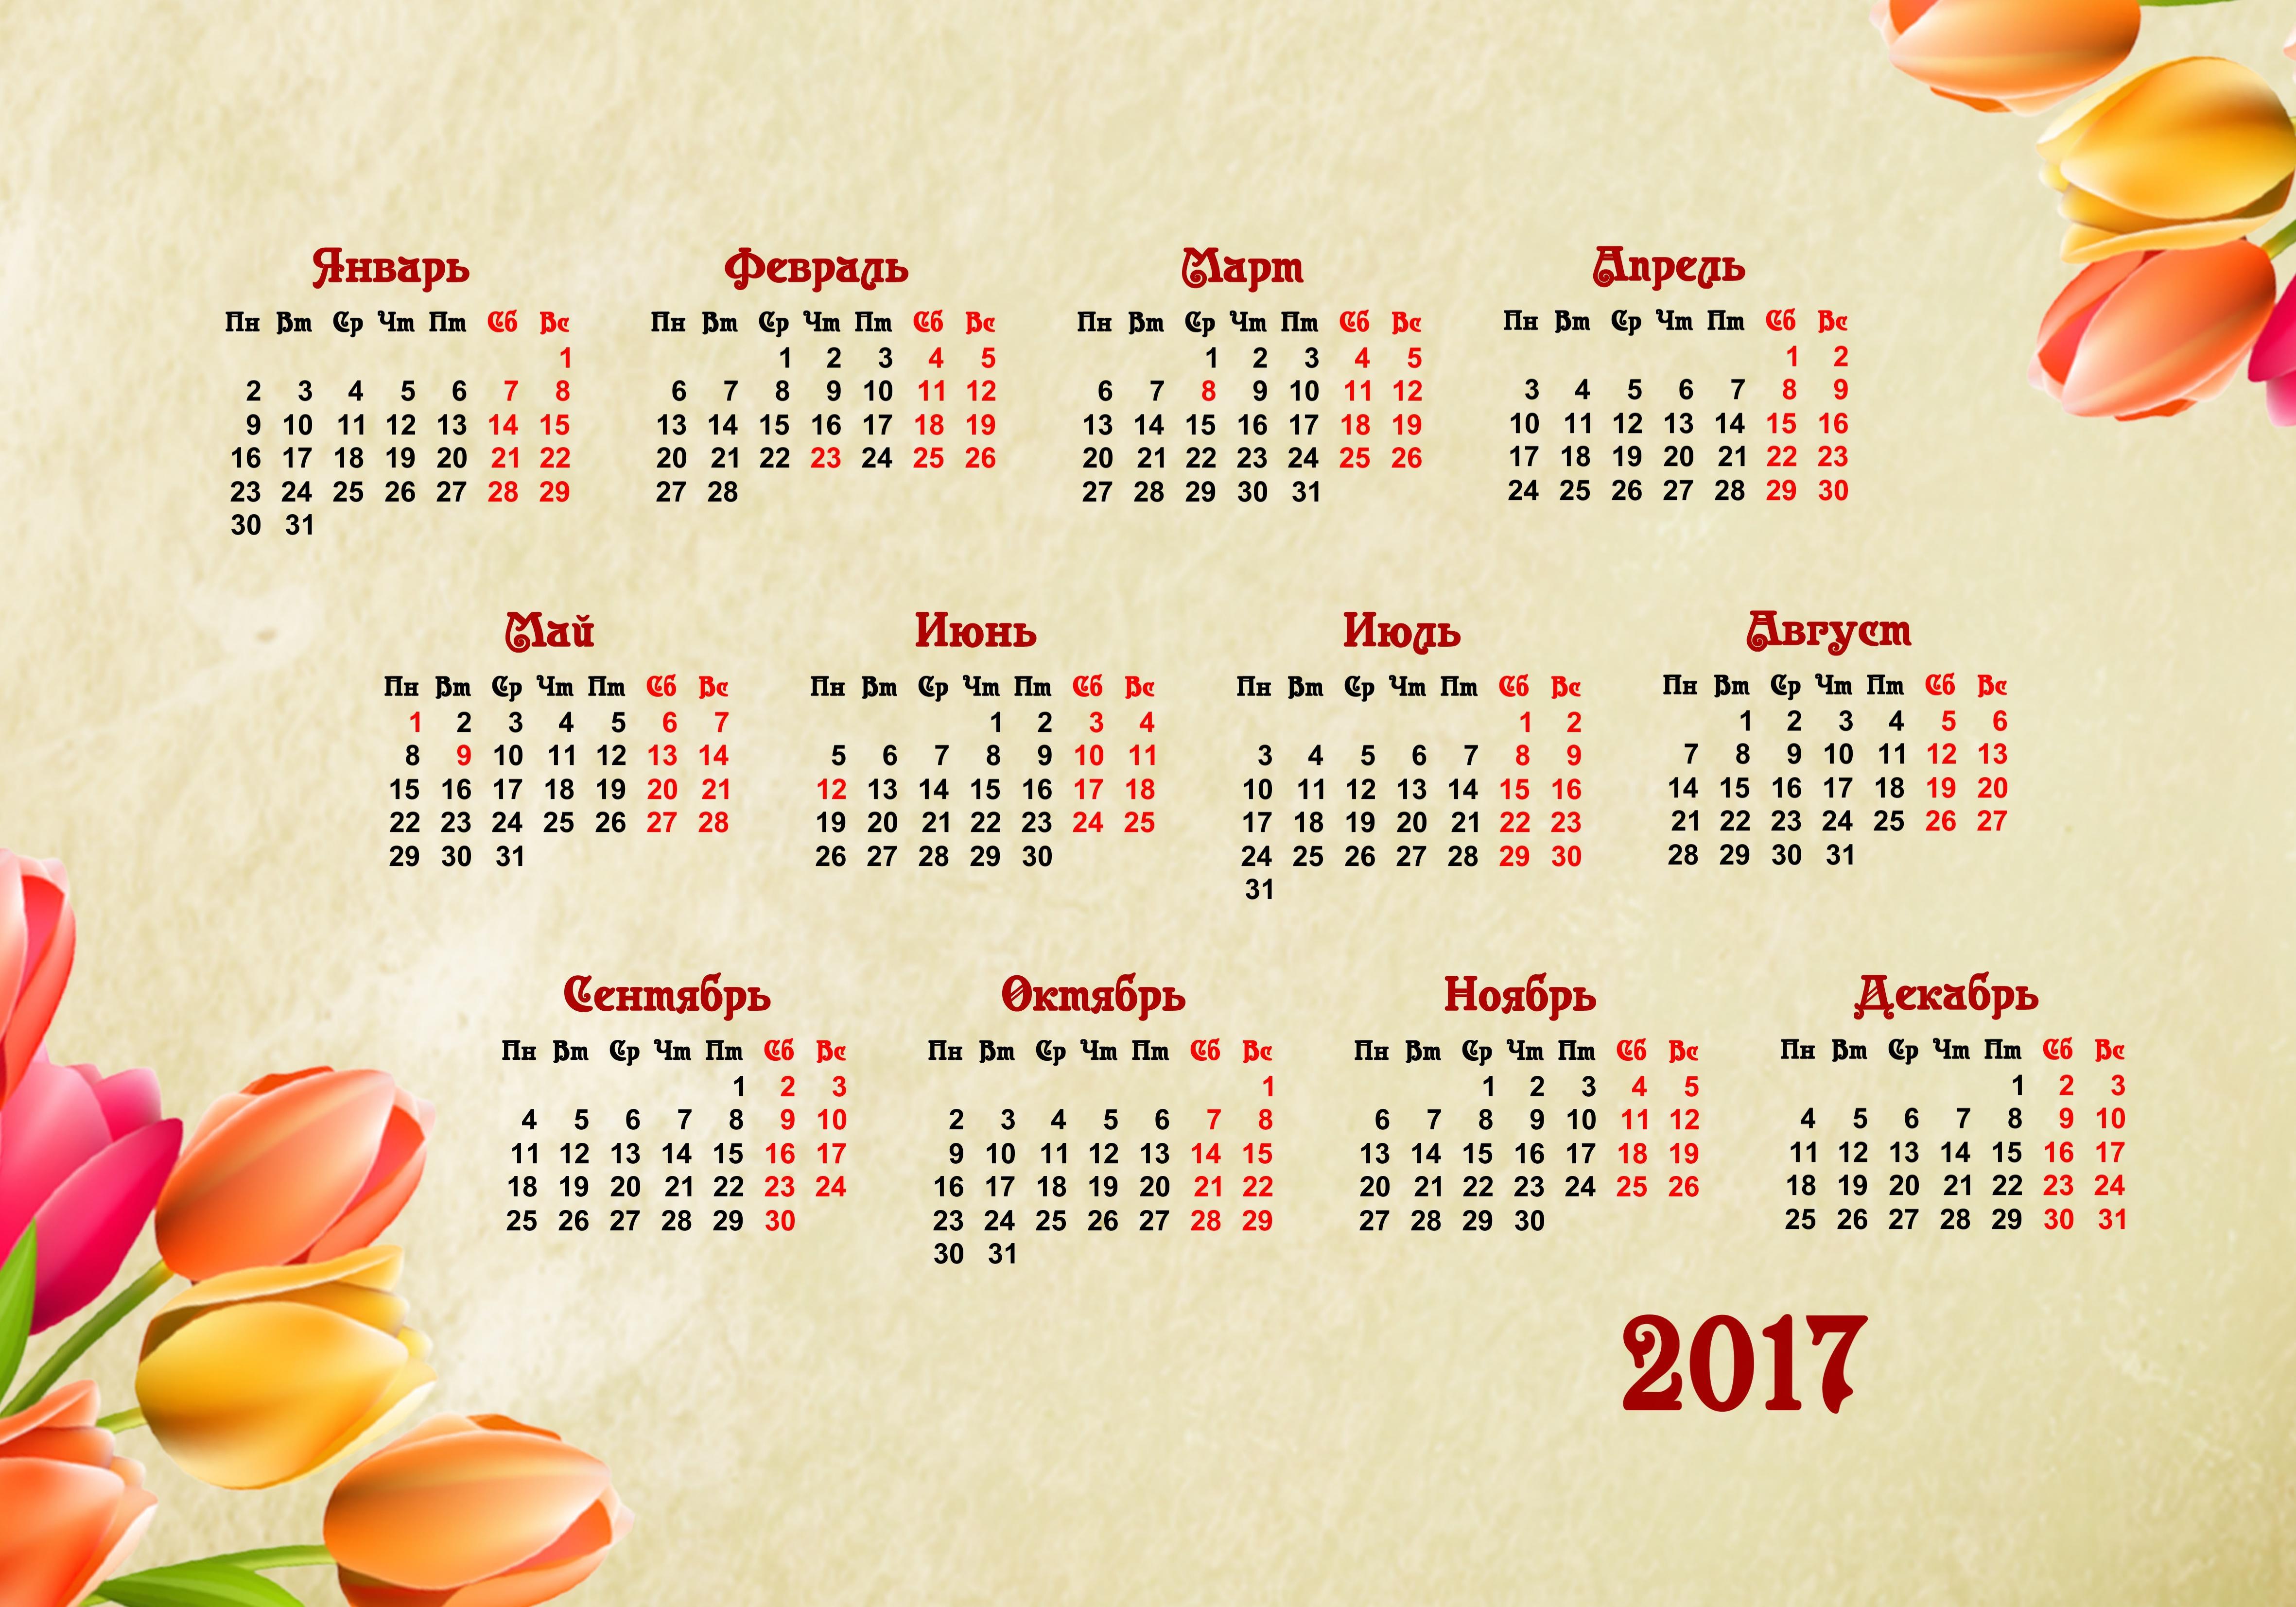 Скачать обои на рабочий стол с календарем на 2017